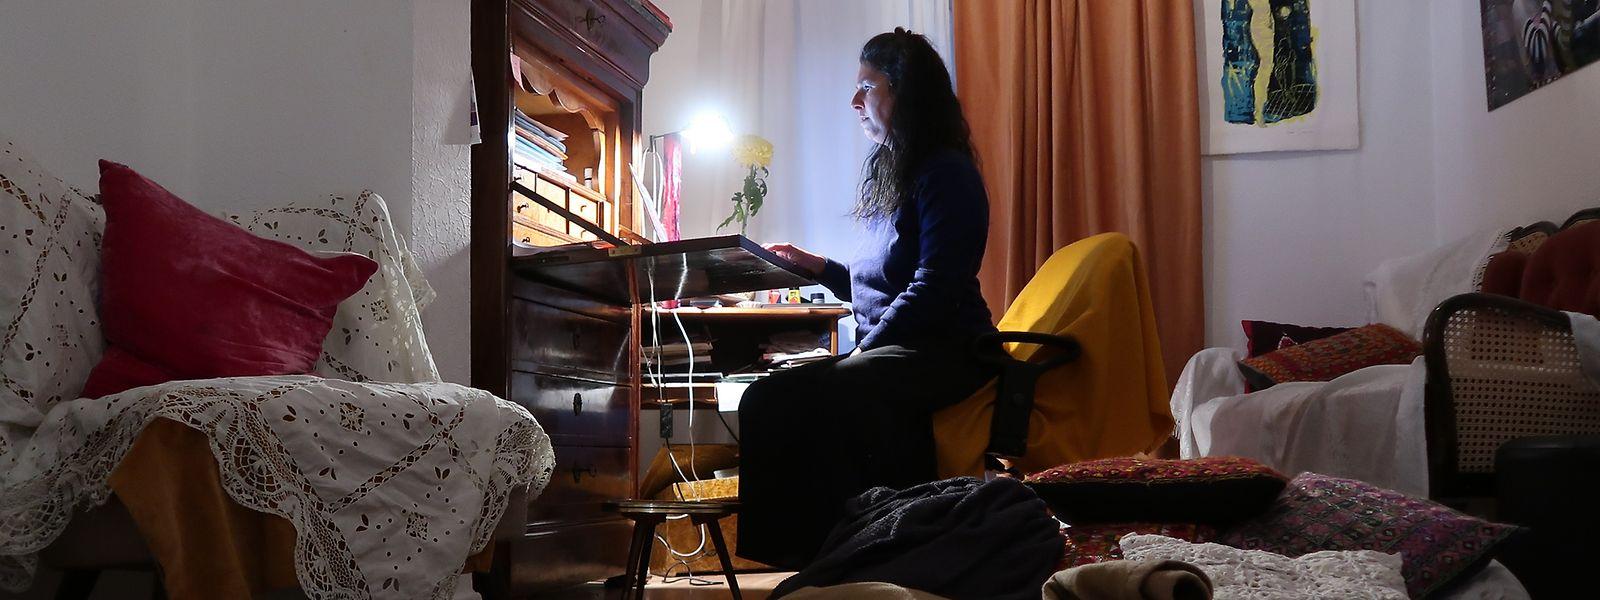 Vanessa Buffone: Ce qui importe dans l'atelier d'écriture within à Mamer c'est «d'écrire ensemble, de partager le moment de l'écriture».